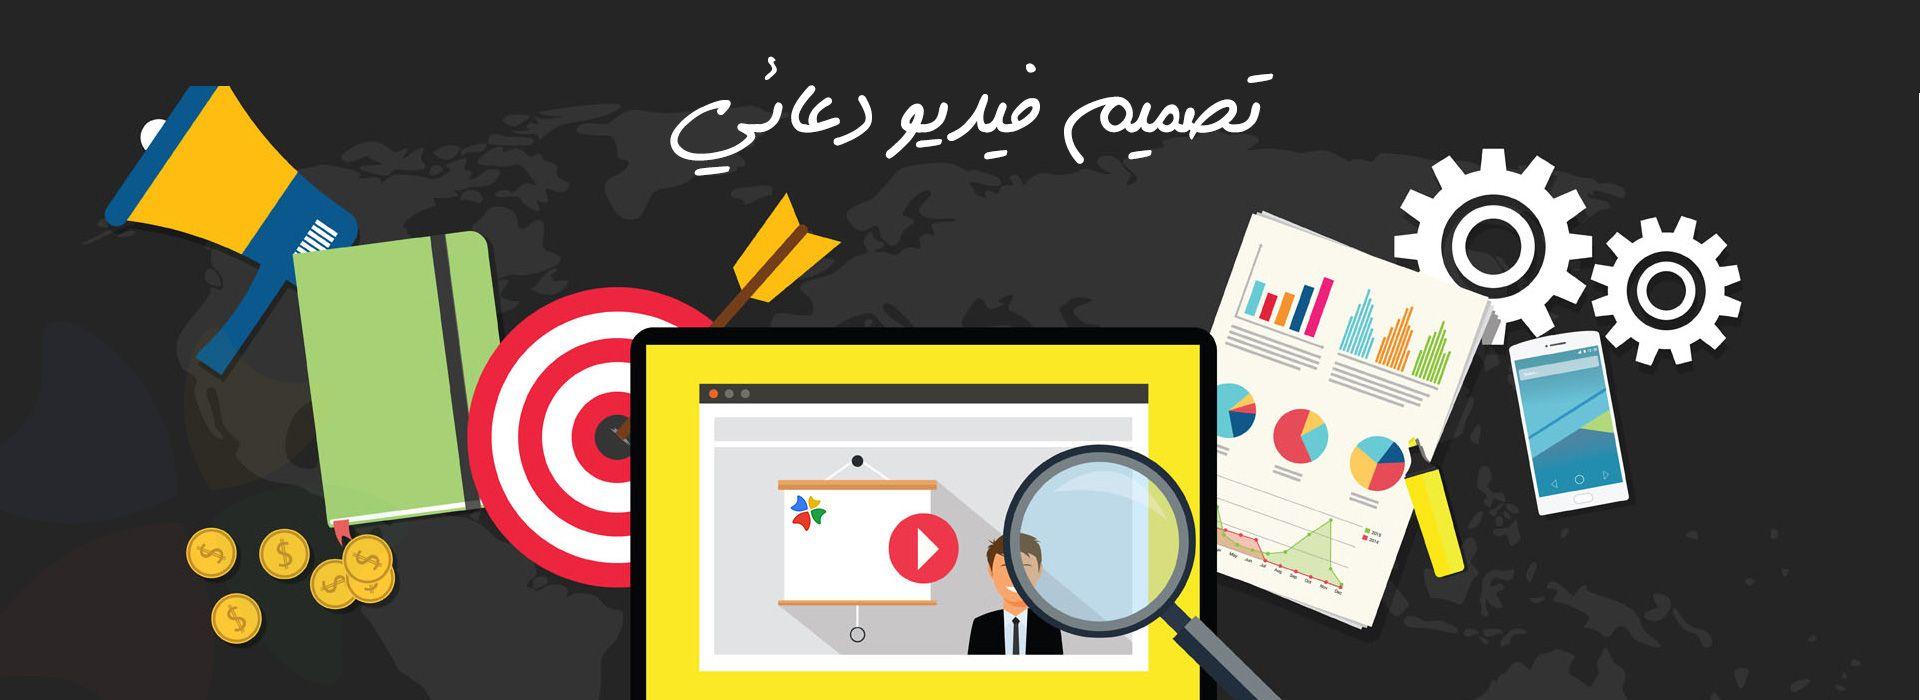 تصميم فيديو دعائي موشن جرافيك والتسويق لخدماتك بشكل احترافي